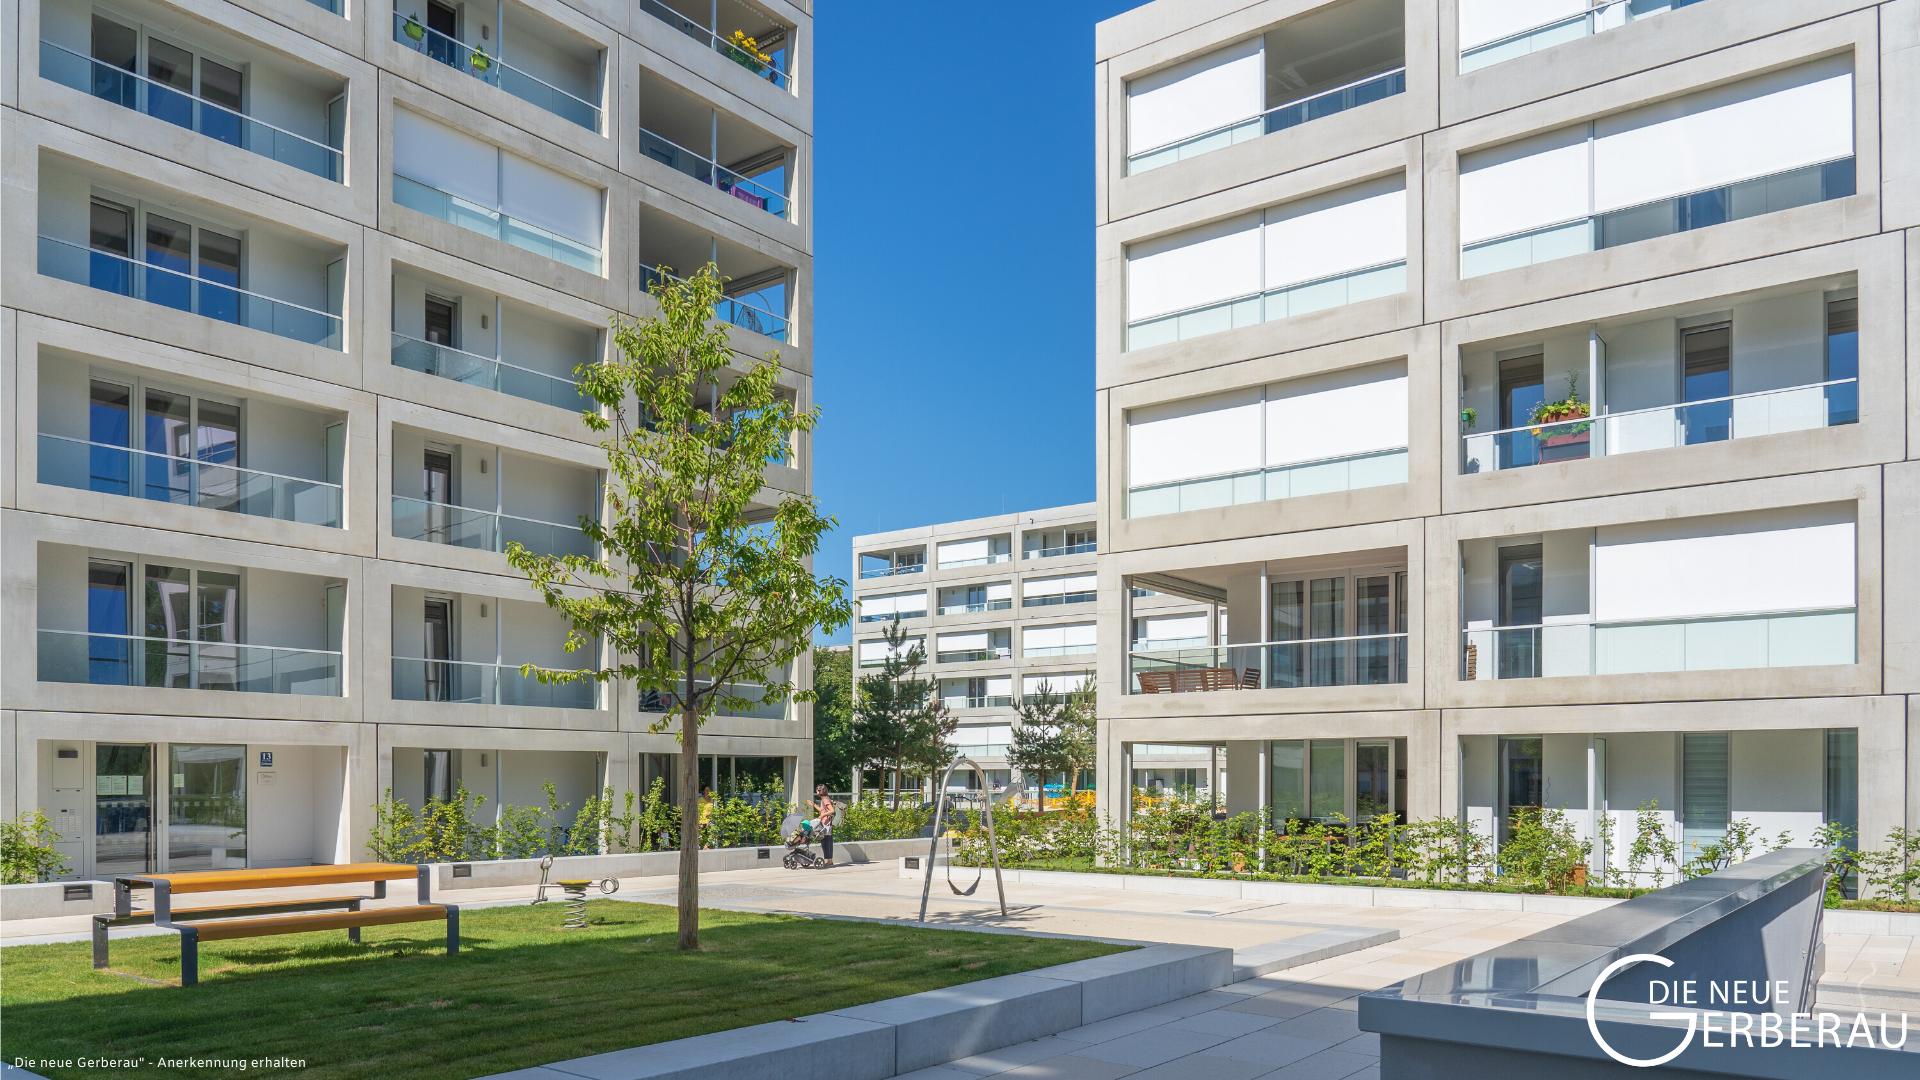 """Landeswettbewerb Wohnungsbau Bayern 2019: """"Die neue Gerberau"""" erhält Anerkennung"""